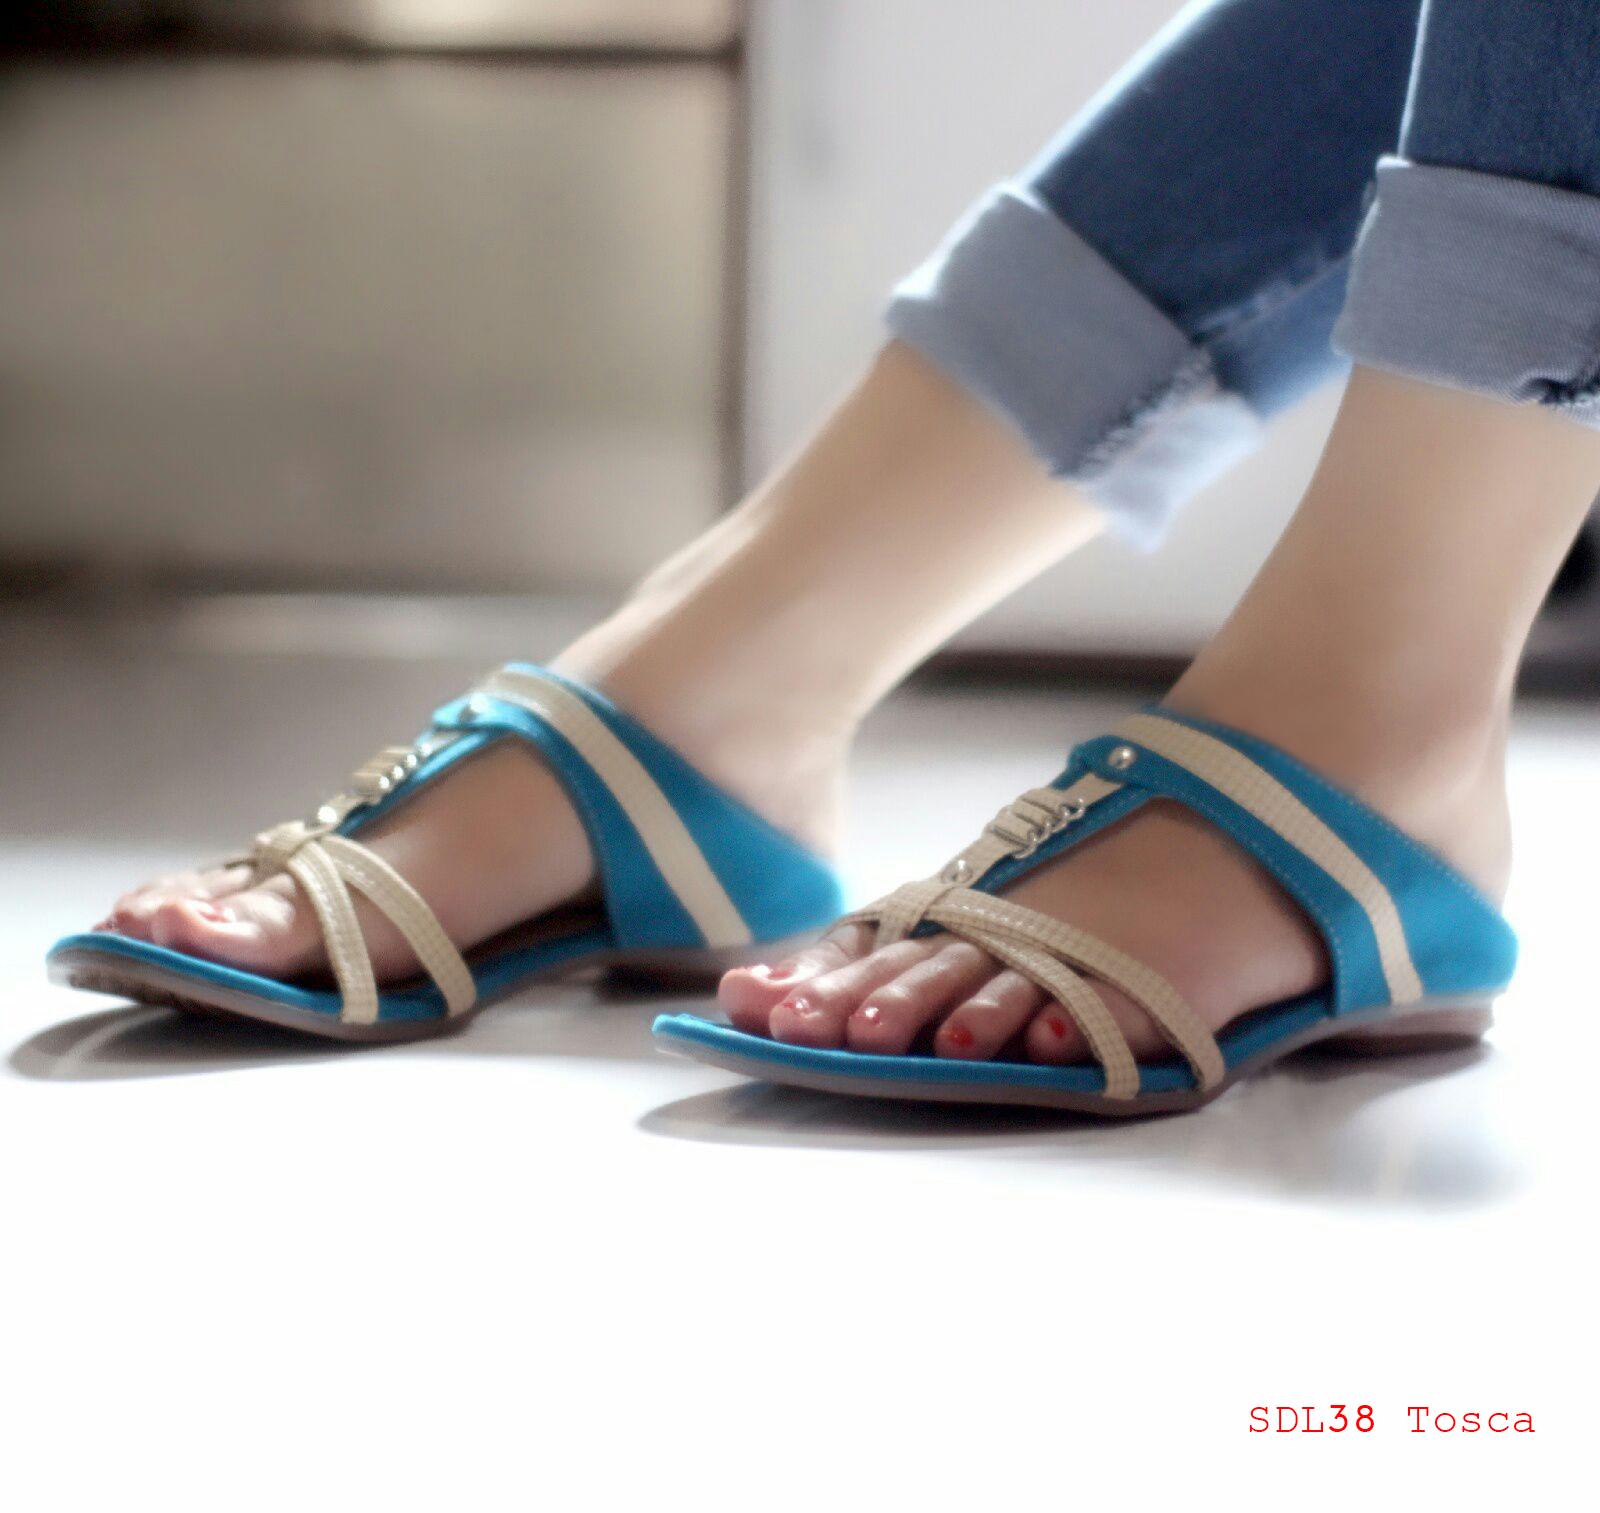 Jual Sandal Wanita Murah Sepatu Sendal Cewek SDL38 Tosca HAN